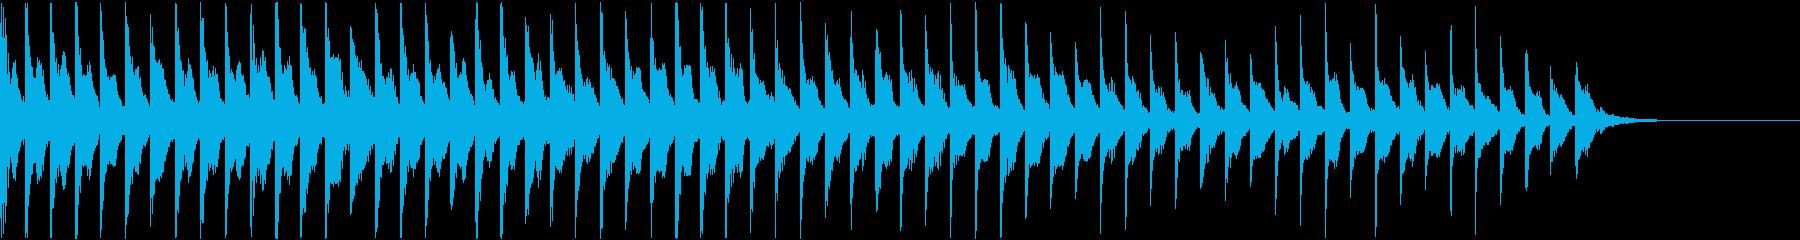 不思議な感覚になる・近付いてくる音の再生済みの波形